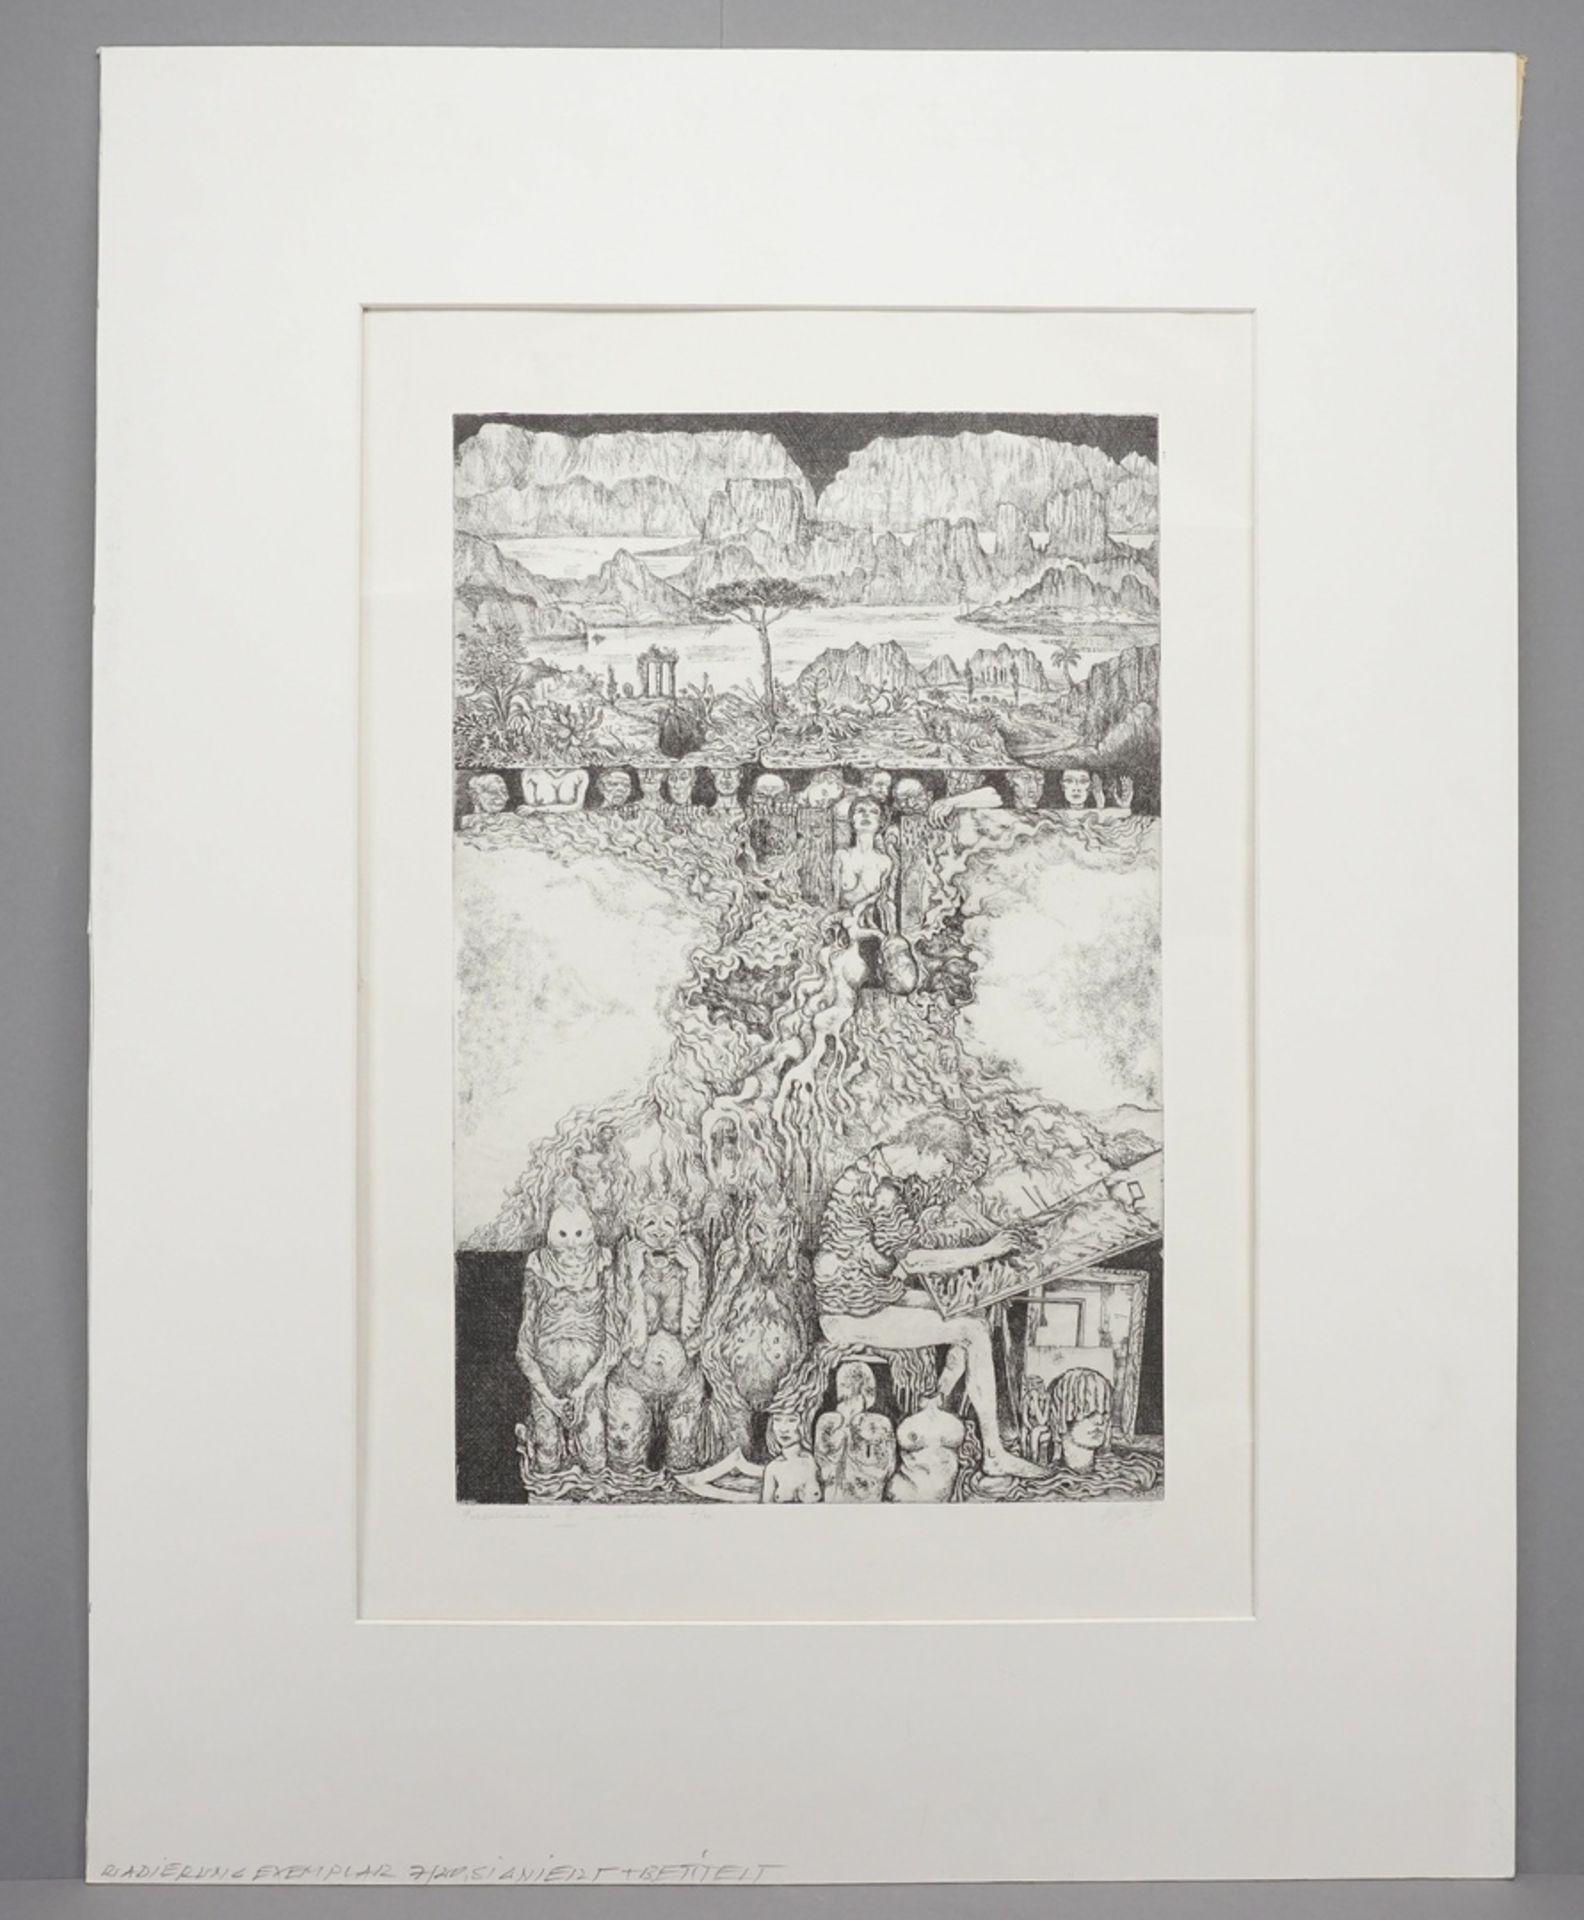 Unbekannter Radier-Künstler, Phantastisch-groteske Szene - Bild 2 aus 4